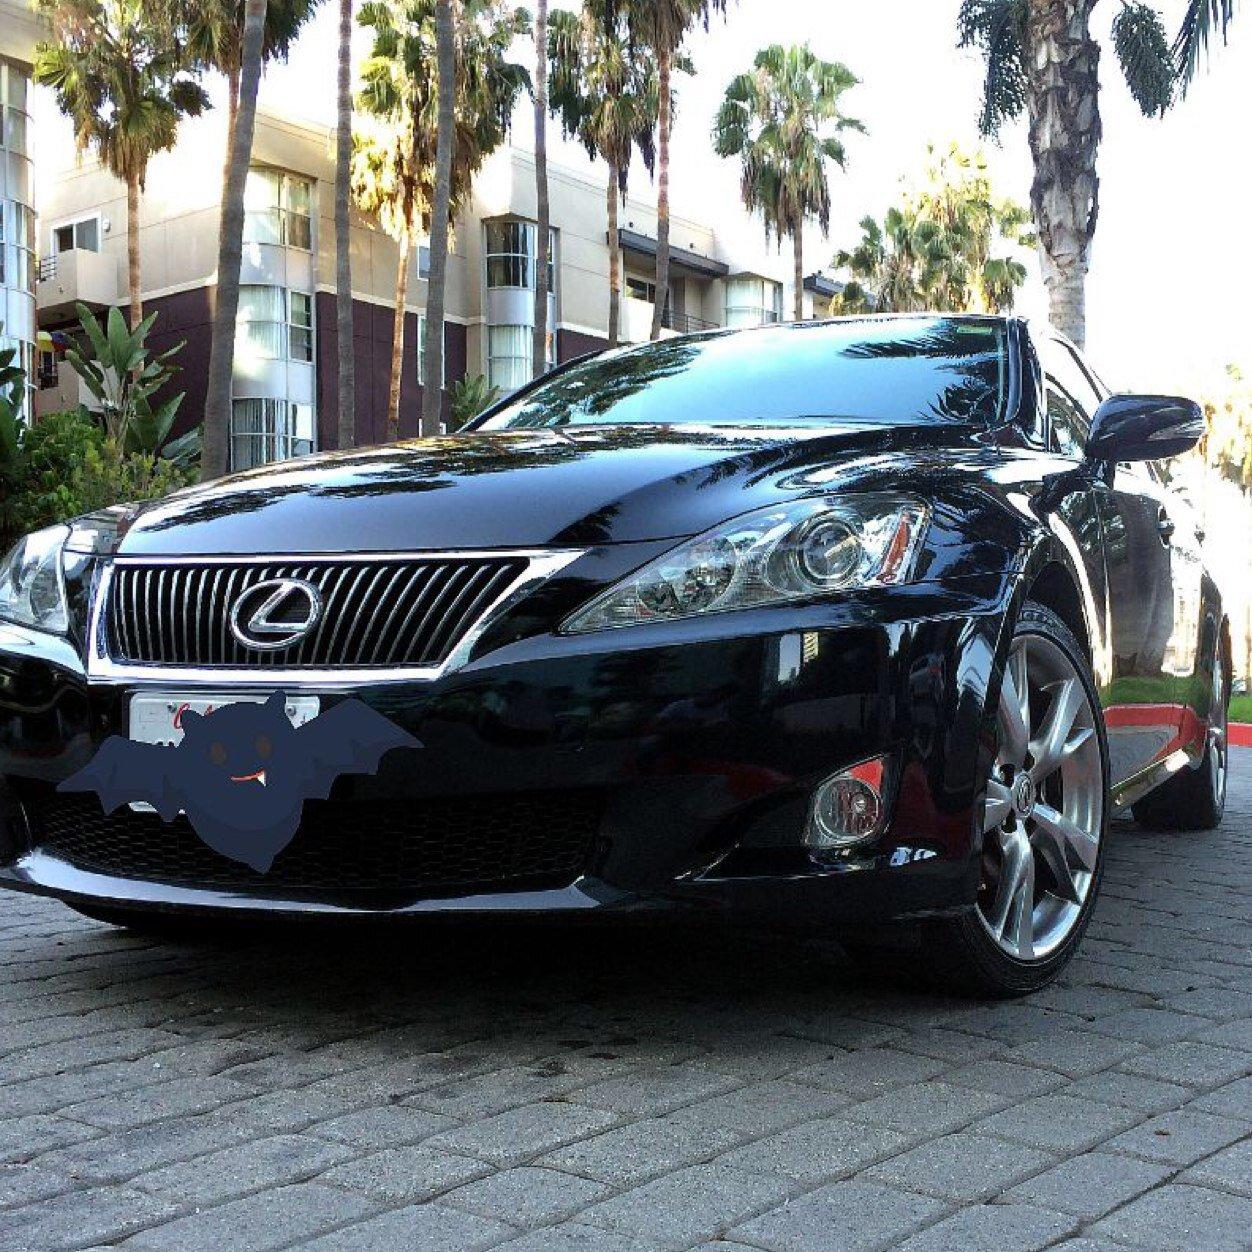 Lexus Sale: LEXUS For SALE (@Apt_ThePark_Ca)